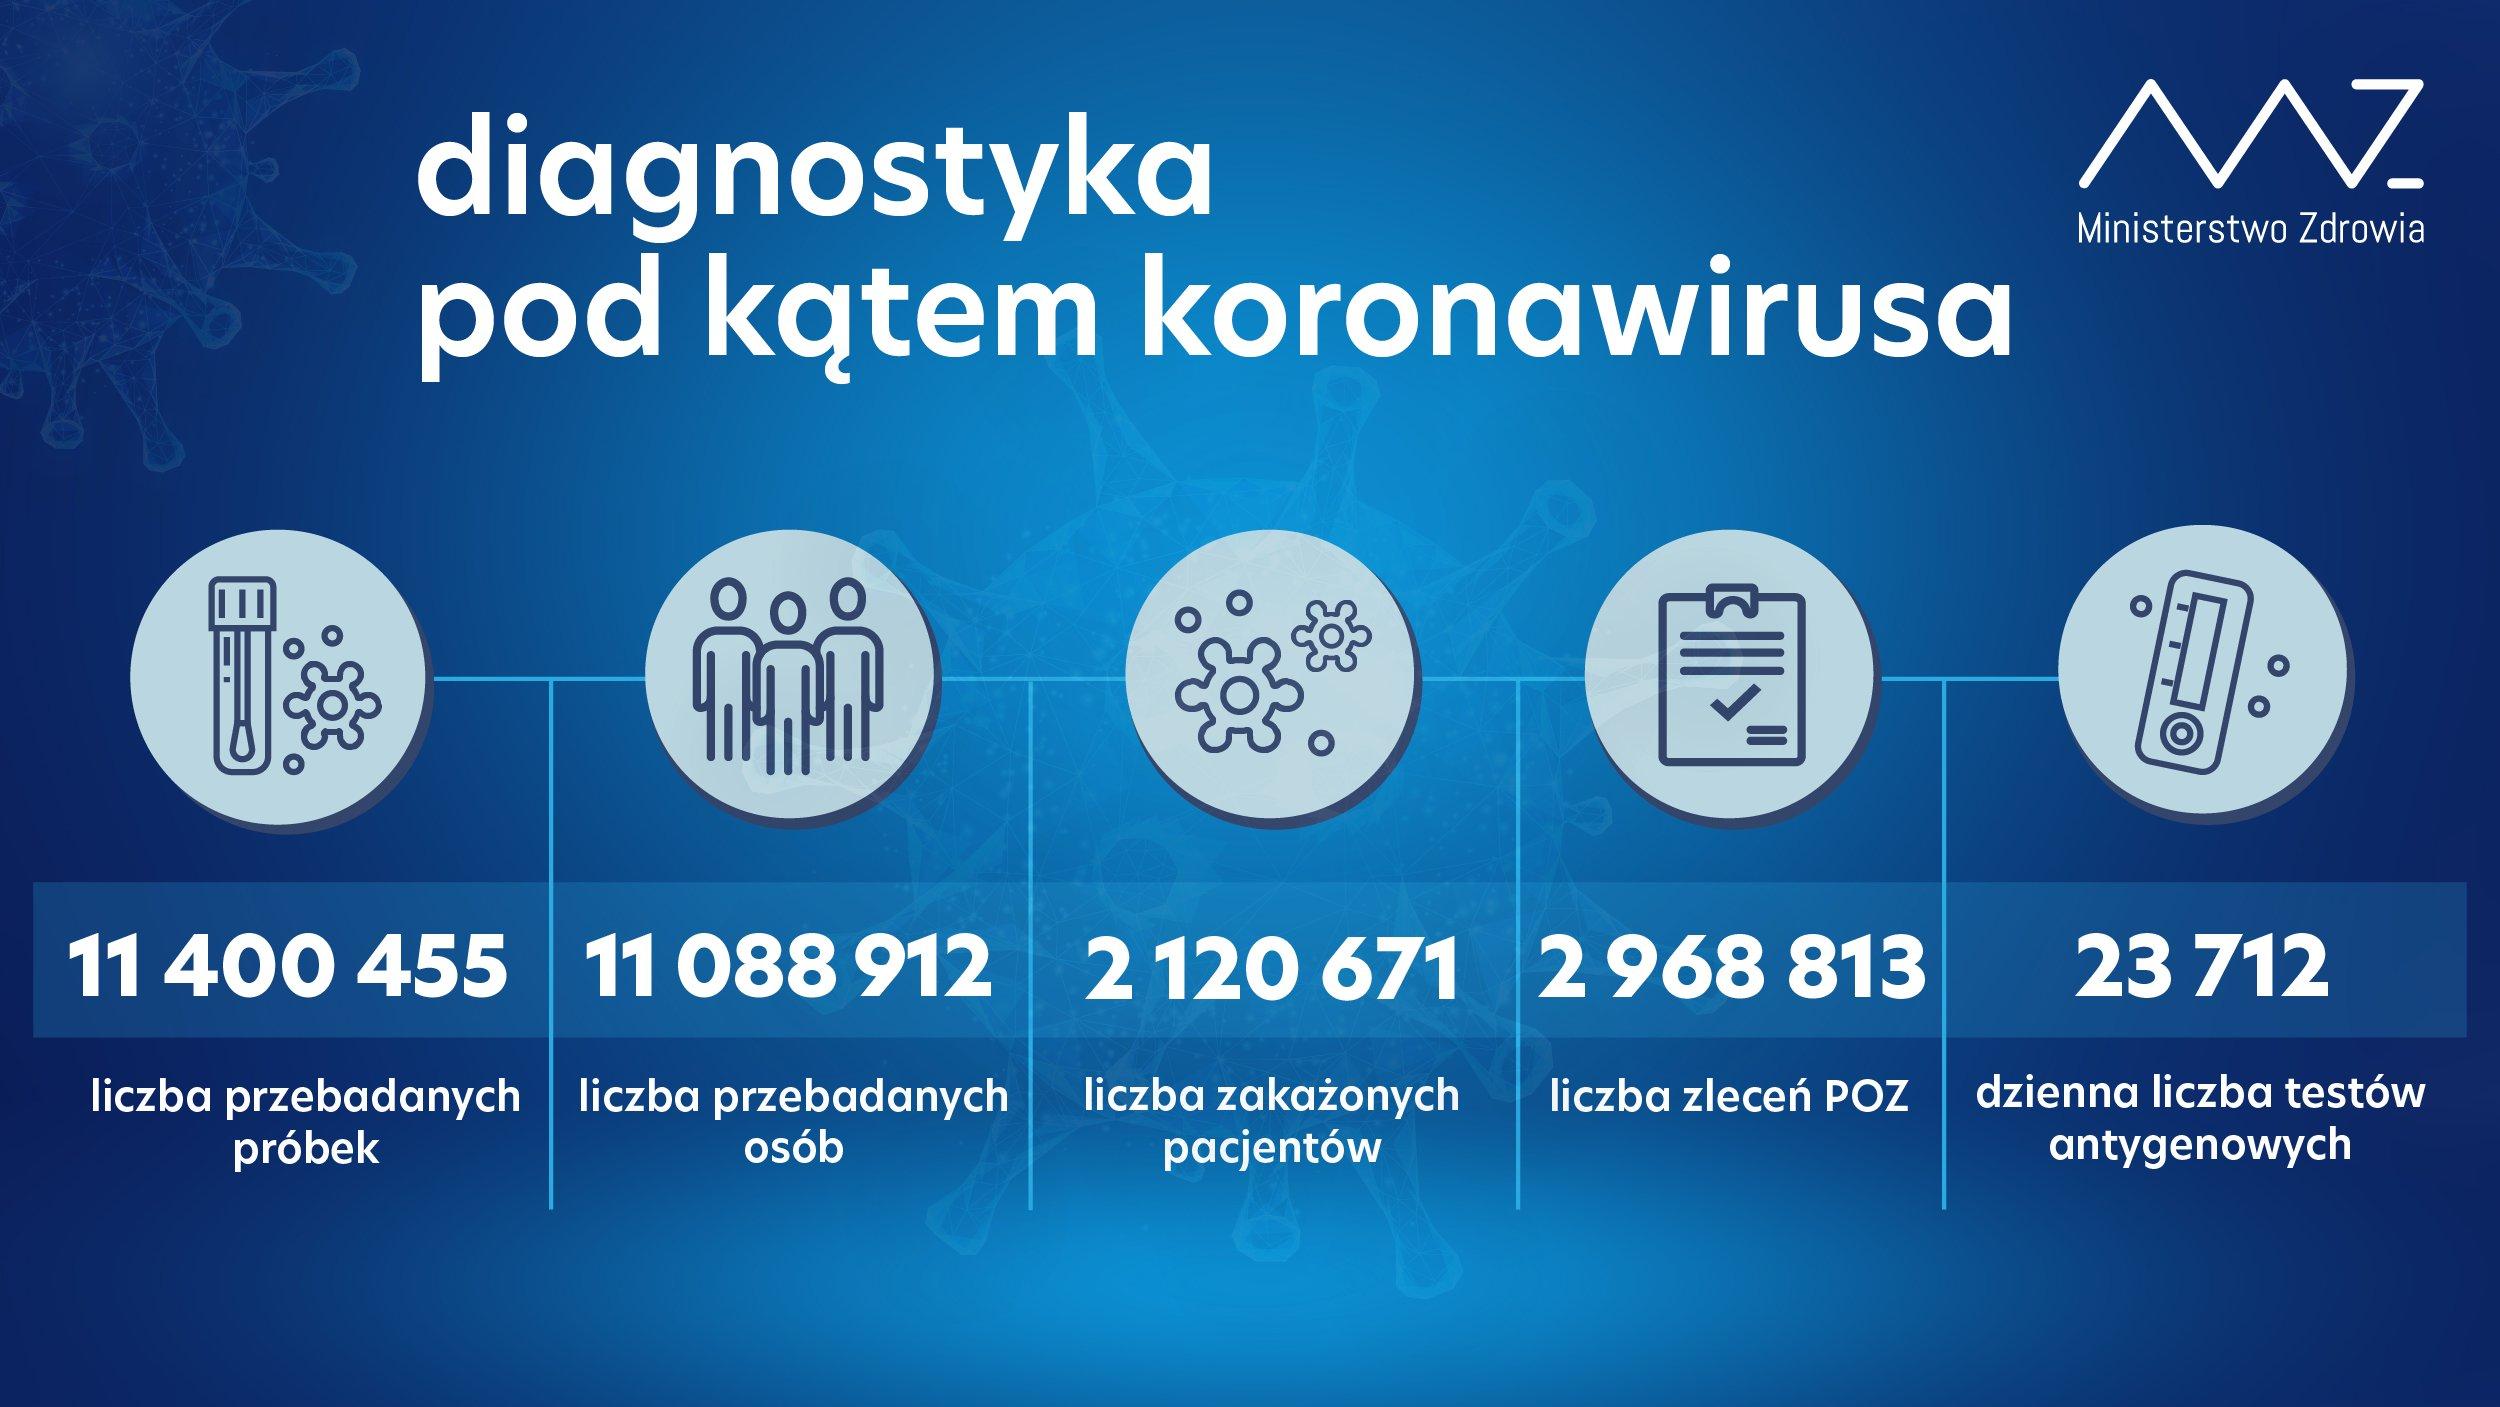 -  11 400 455 przebadanych próbek; -  11 088 912 przebadanych osób; -  2 120 671 zakażonych pacjentów; -  w ciągu doby wykonano 95 854 testy, w tym 23 712 testów antygenowych; -  liczba zleceń z POZ: 2 968 813.